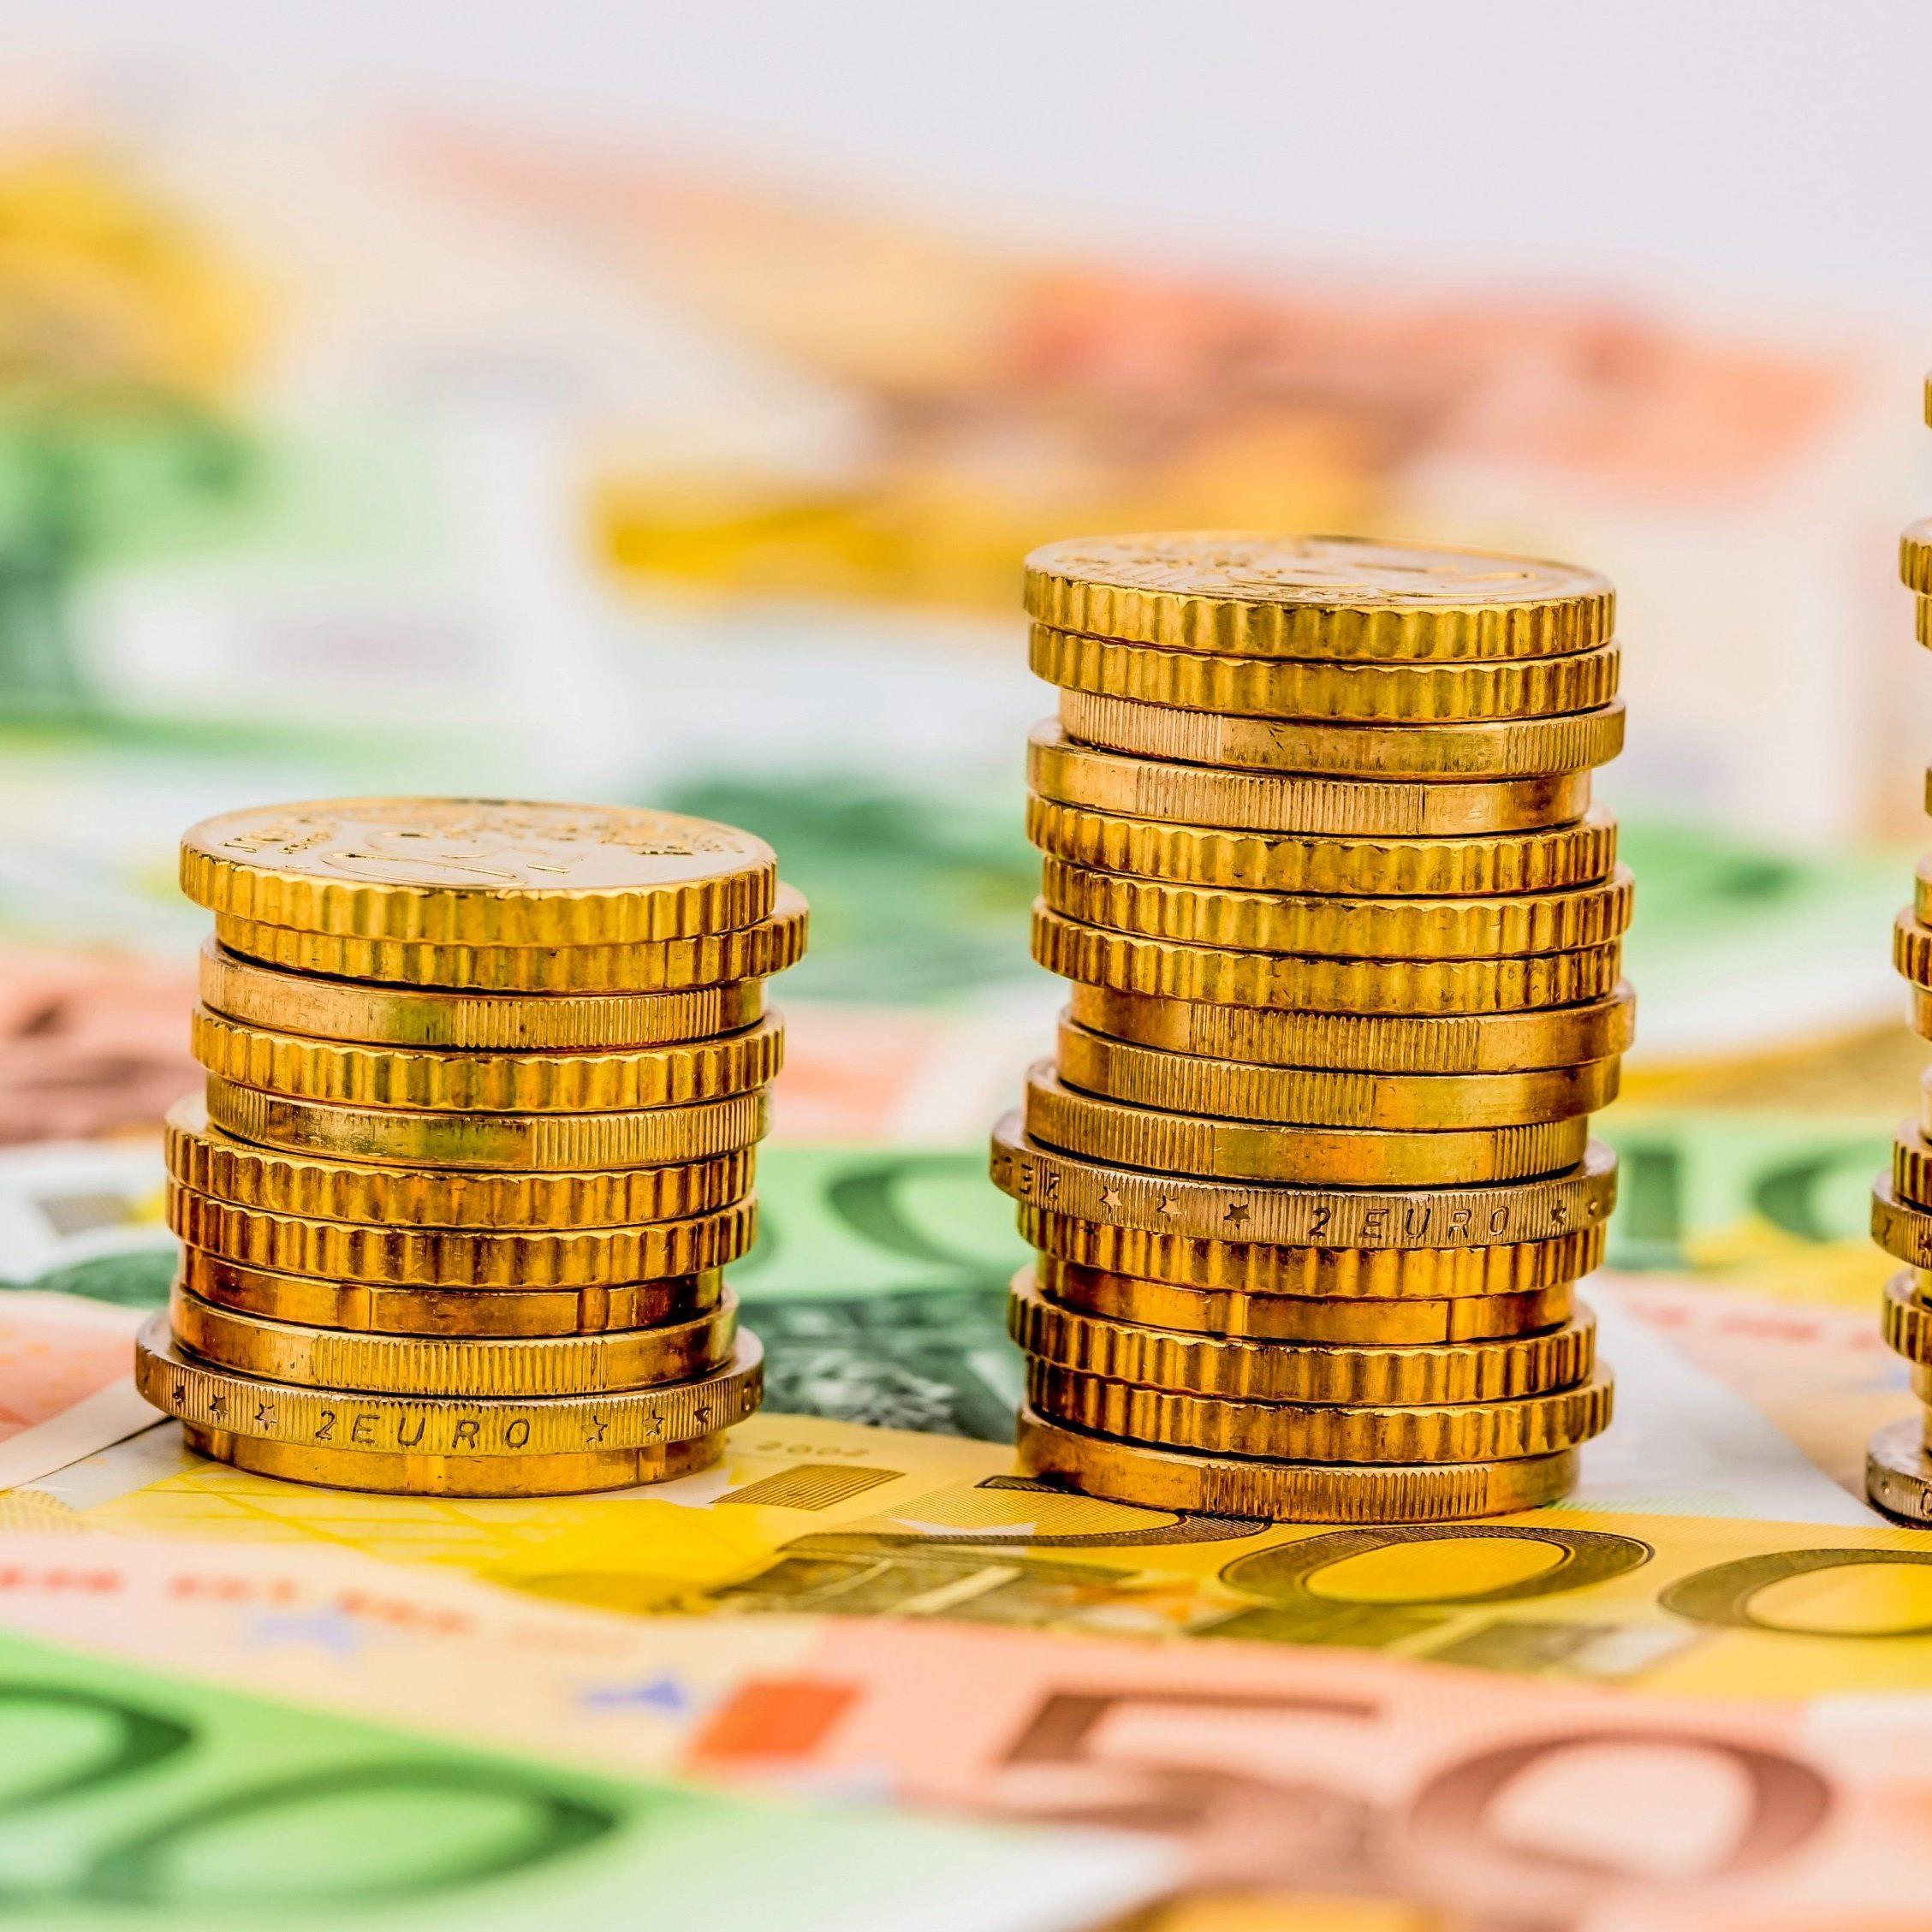 Aktueller Bericht der Landesstelle für Statistik weist Inflation von 0,8 Prozent auf.